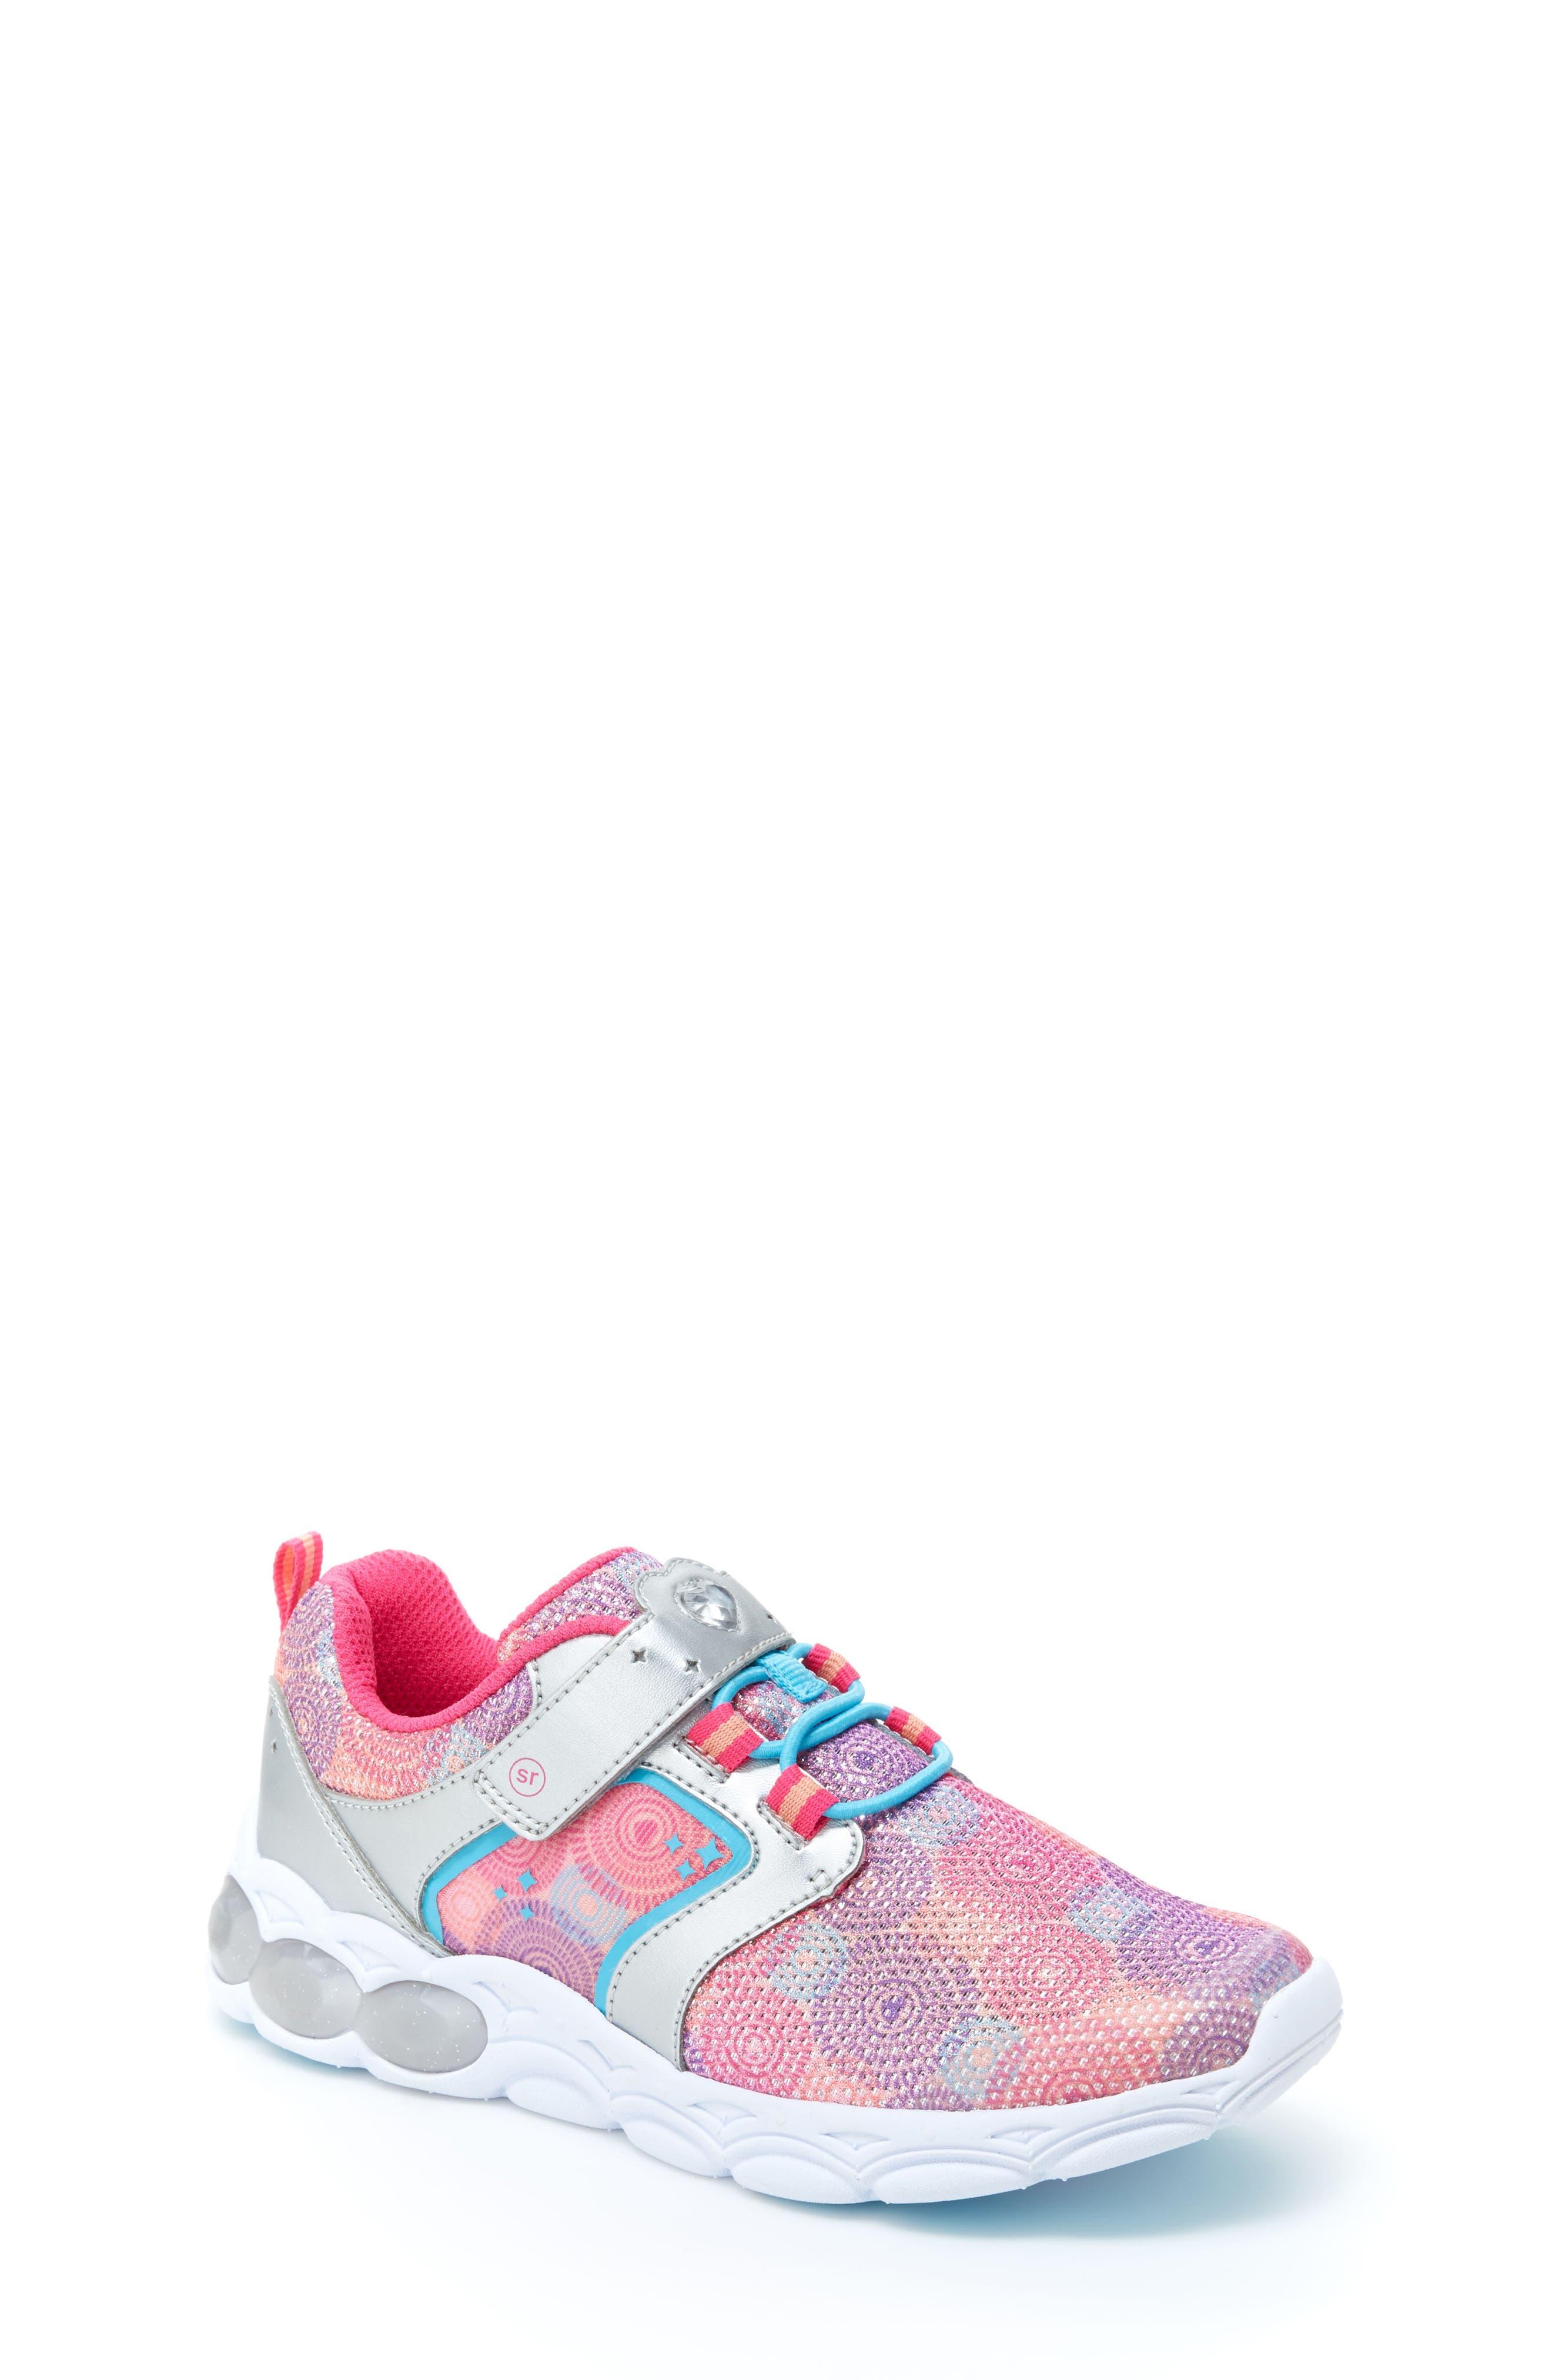 Stride Rite Lights Lively Light-Up Sneaker (Walker, Toddler & Little Kid)